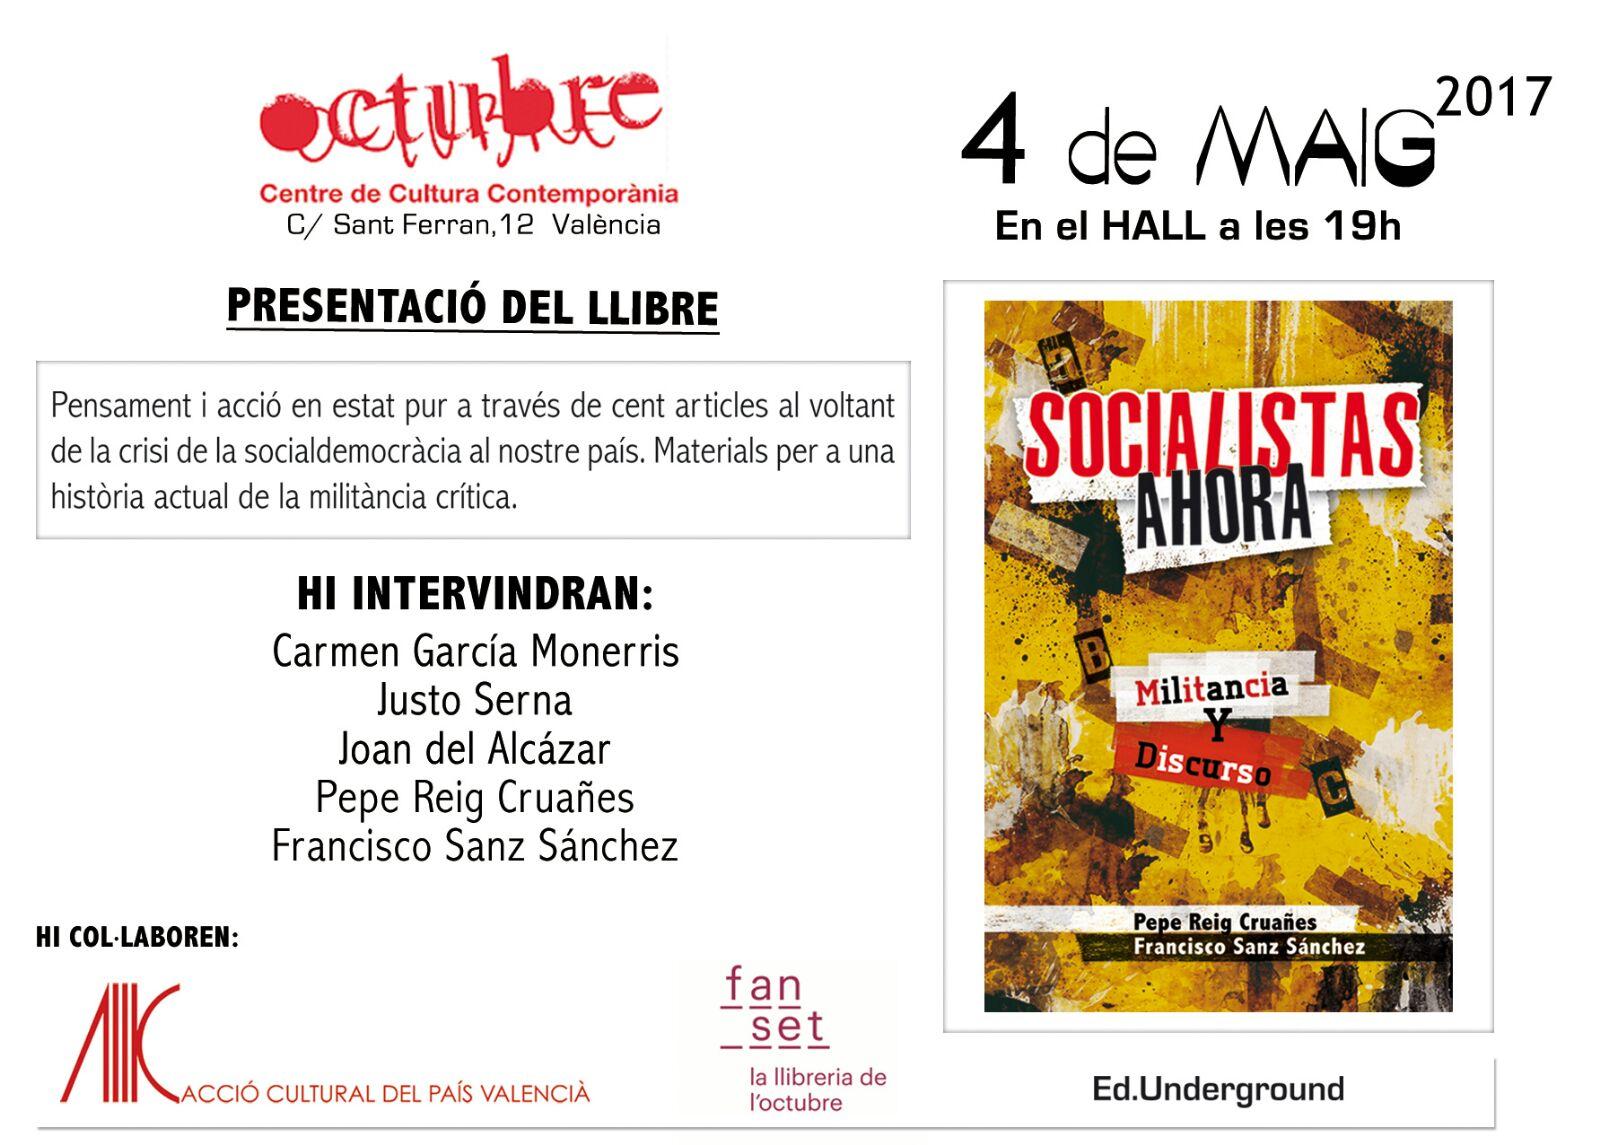 Socialistas ahora, militancia y discurso CCC Octubre 4 de maig